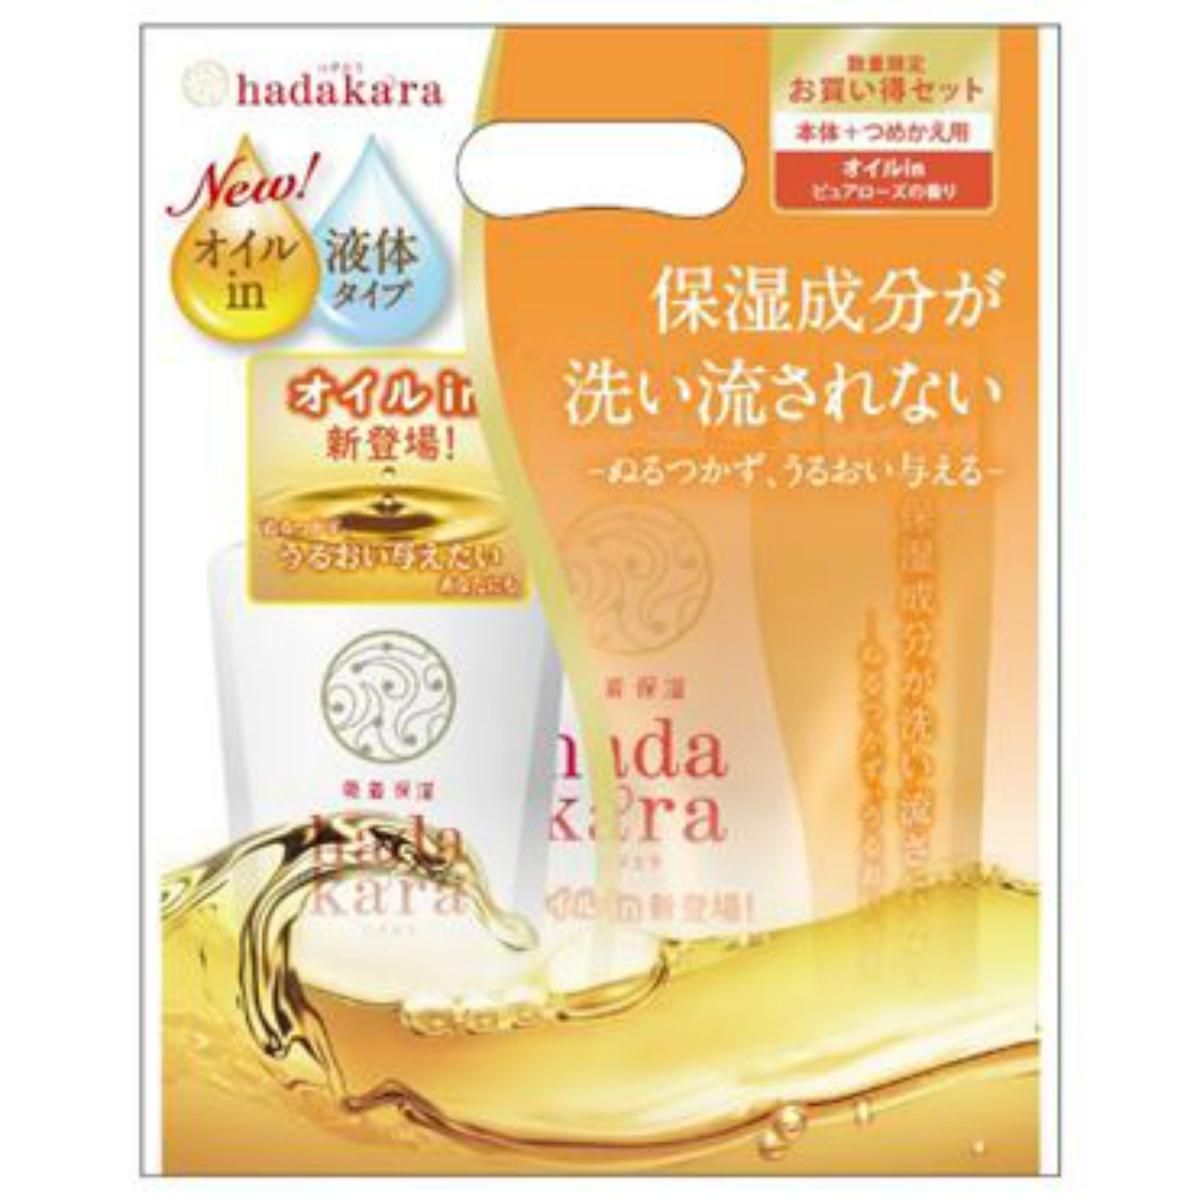 ライオン hadakara ハダカラ ボディソープ 通常便なら送料無料 オイルイン ピュアローズの香り 評価 本体 つめかえ用 480ml + 数量限定 ※無くなり次第終了 お得セット 4903301317845 詰替 オイルインタイプ 340ml